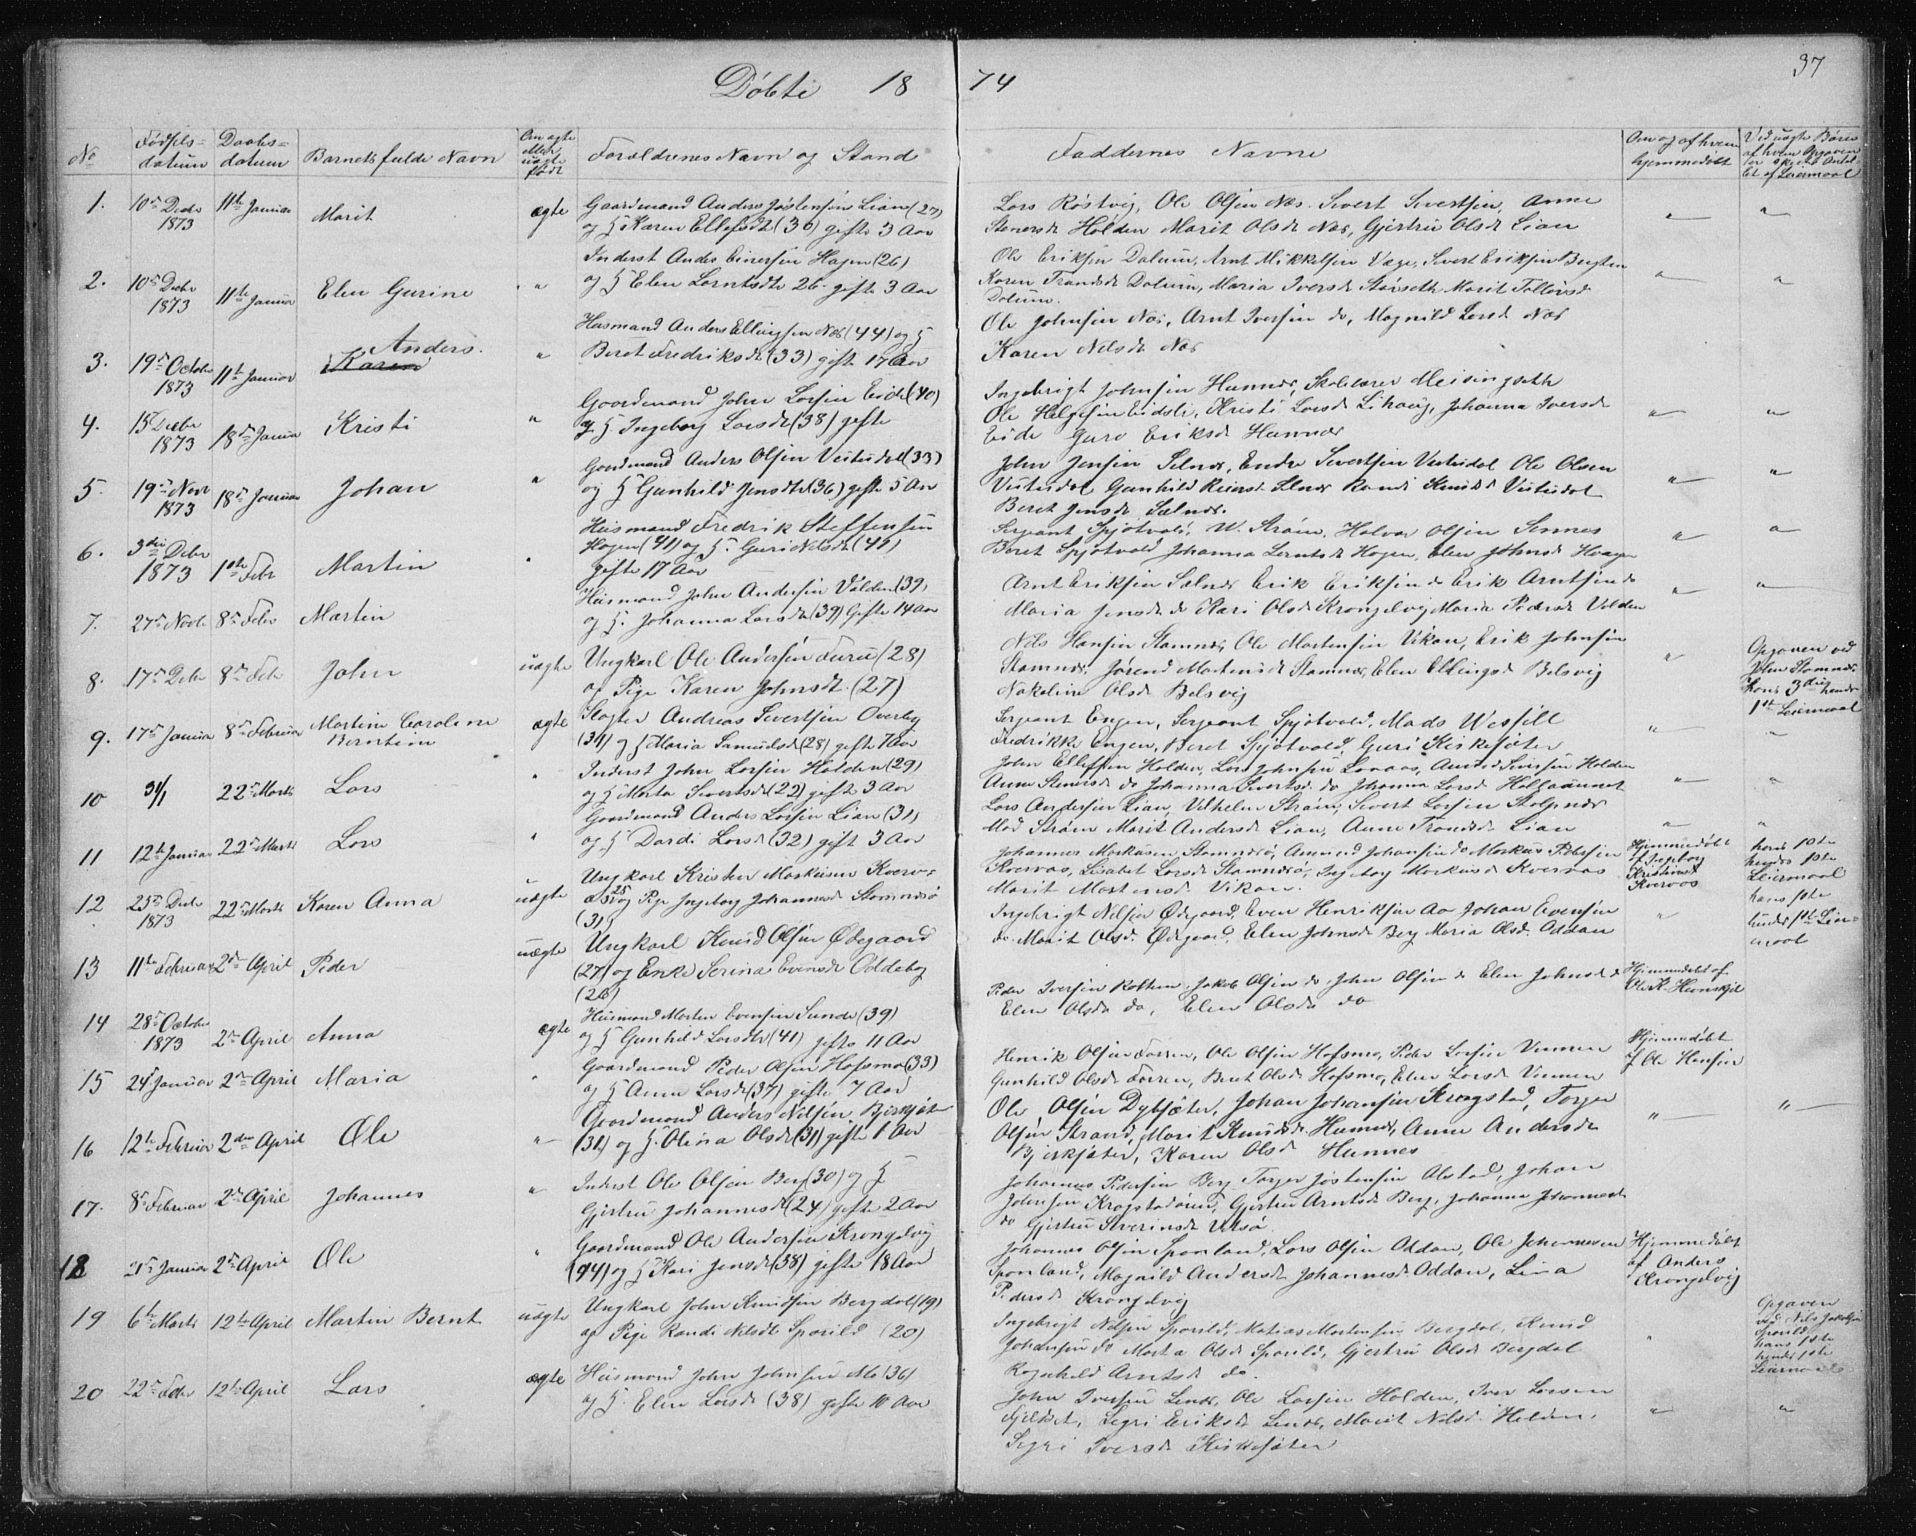 SAT, Ministerialprotokoller, klokkerbøker og fødselsregistre - Sør-Trøndelag, 630/L0503: Klokkerbok nr. 630C01, 1869-1878, s. 37